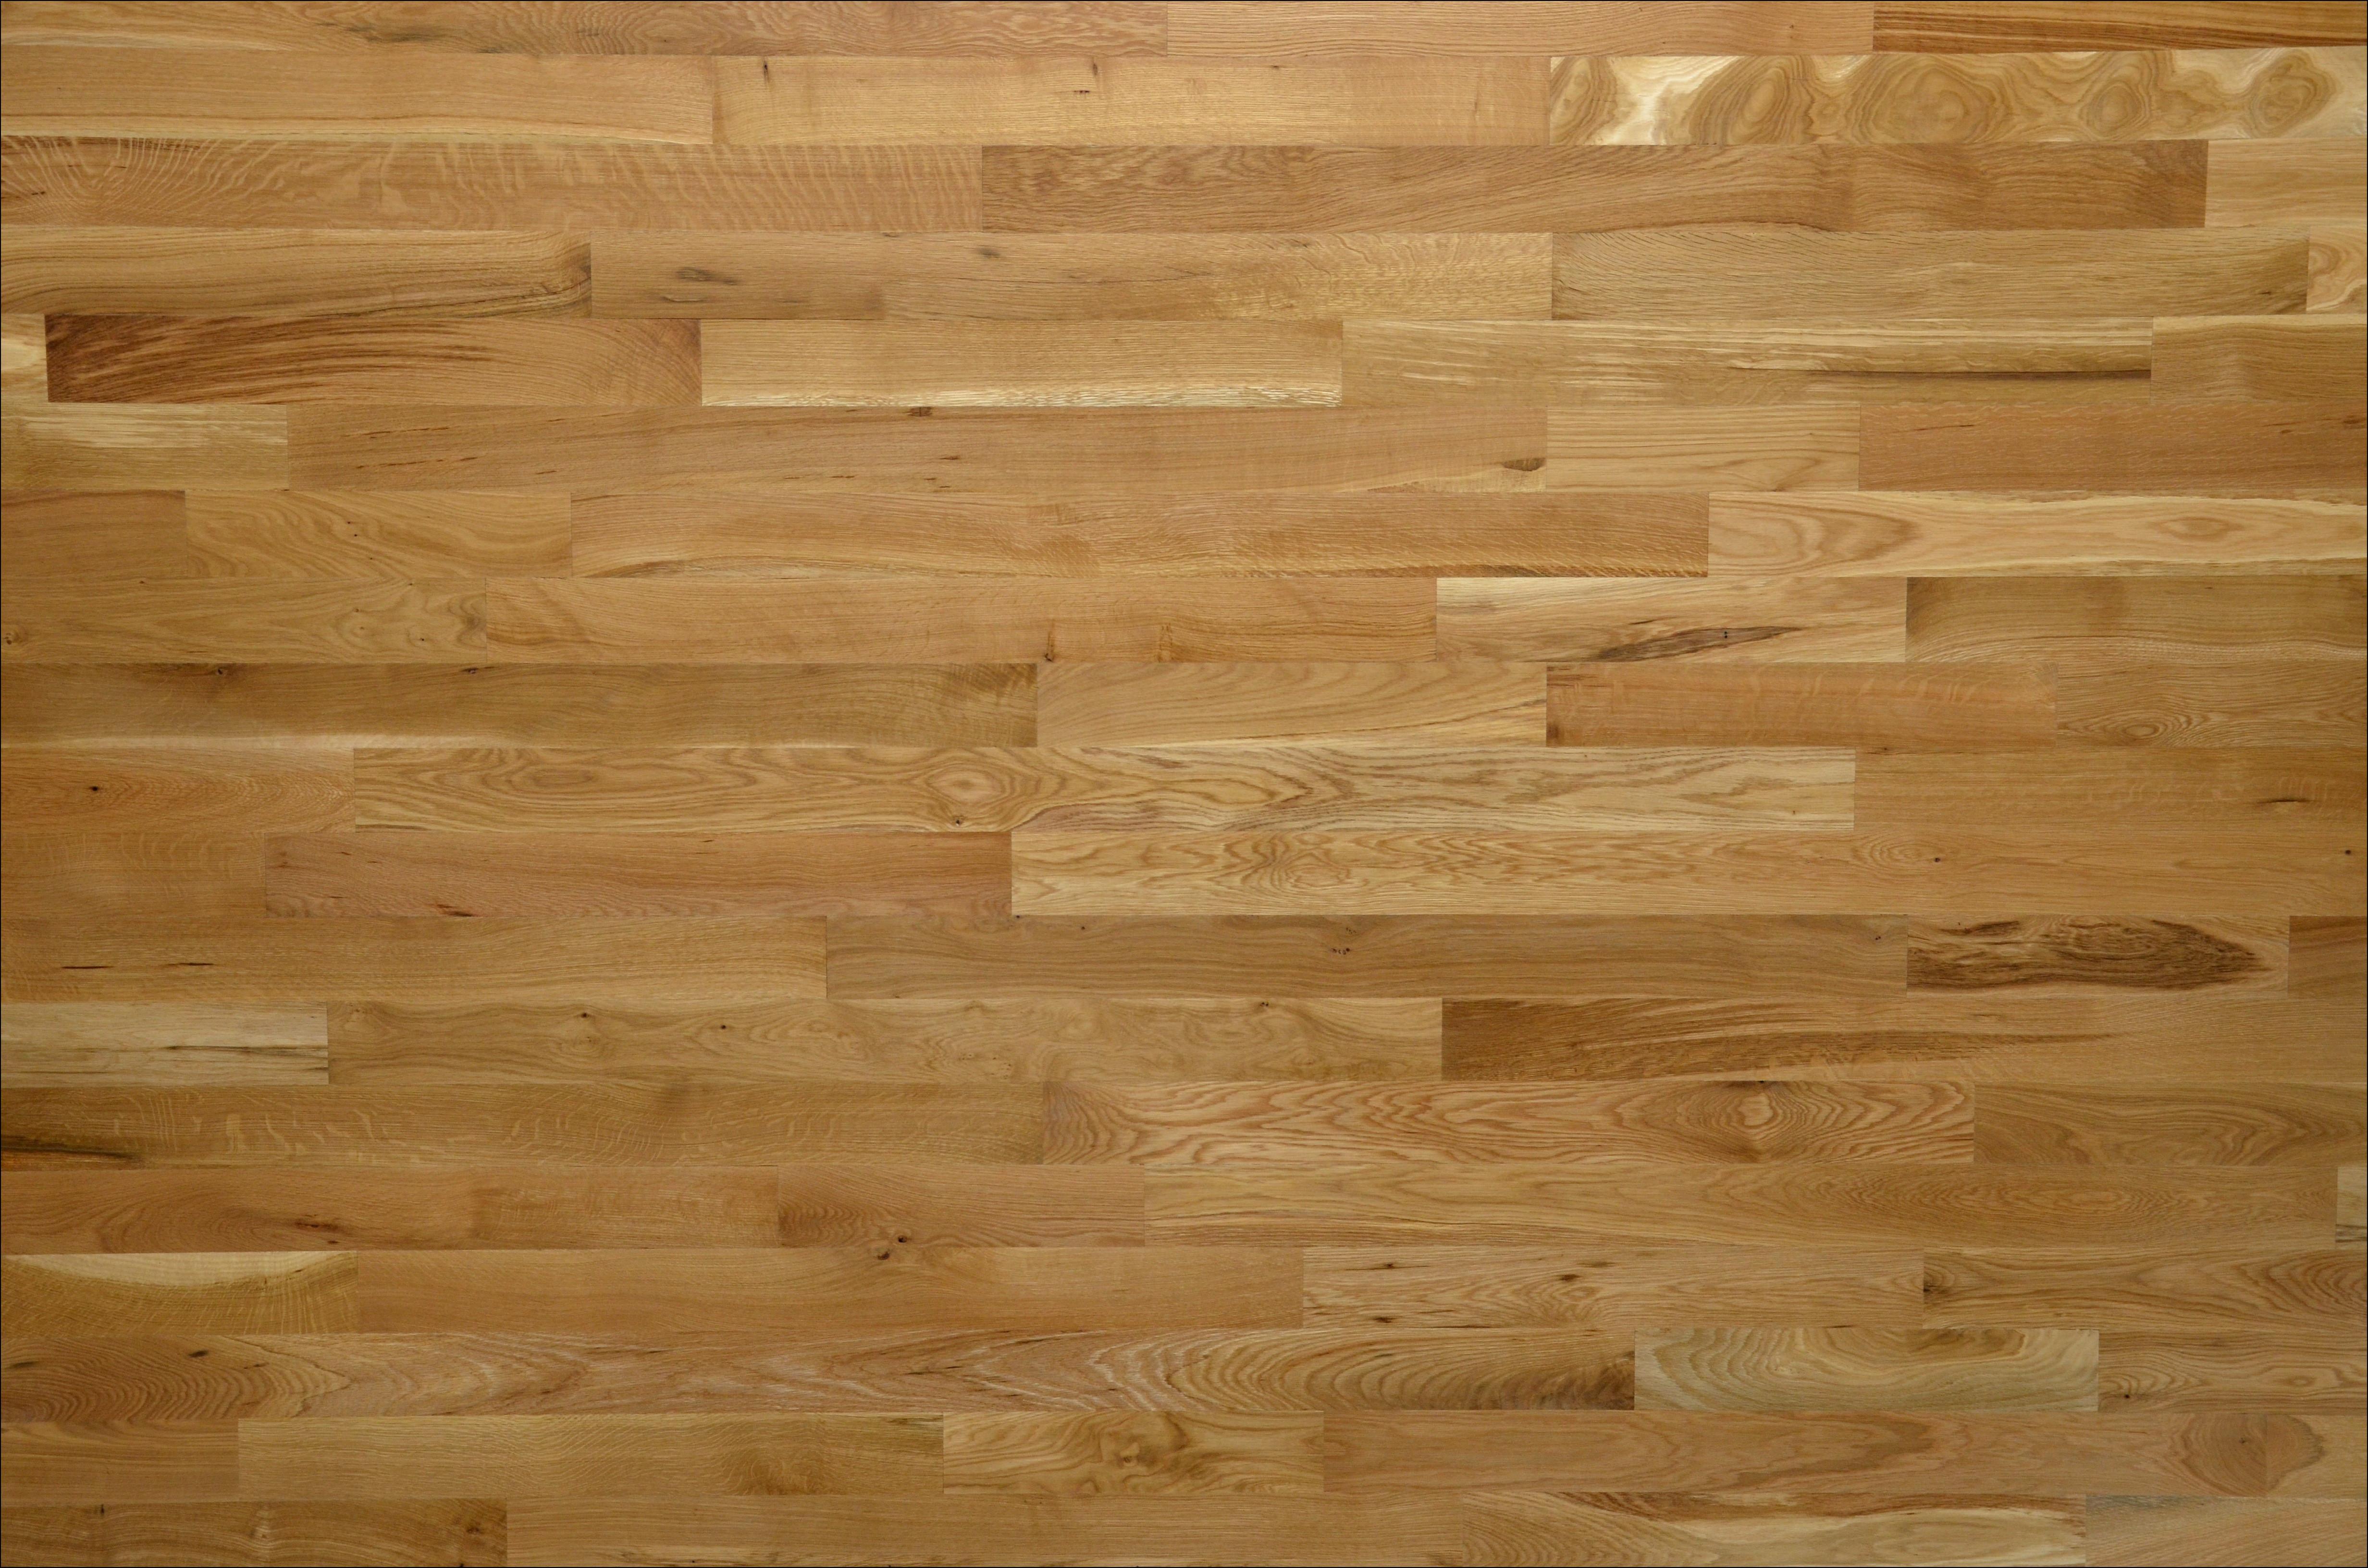 unfinished maple hardwood flooring sale of 2 white oak flooring unfinished stock 2 mon red oak lacrosse with regard to 2 white oak flooring unfinished stock 2 mon red oak lacrosse flooring